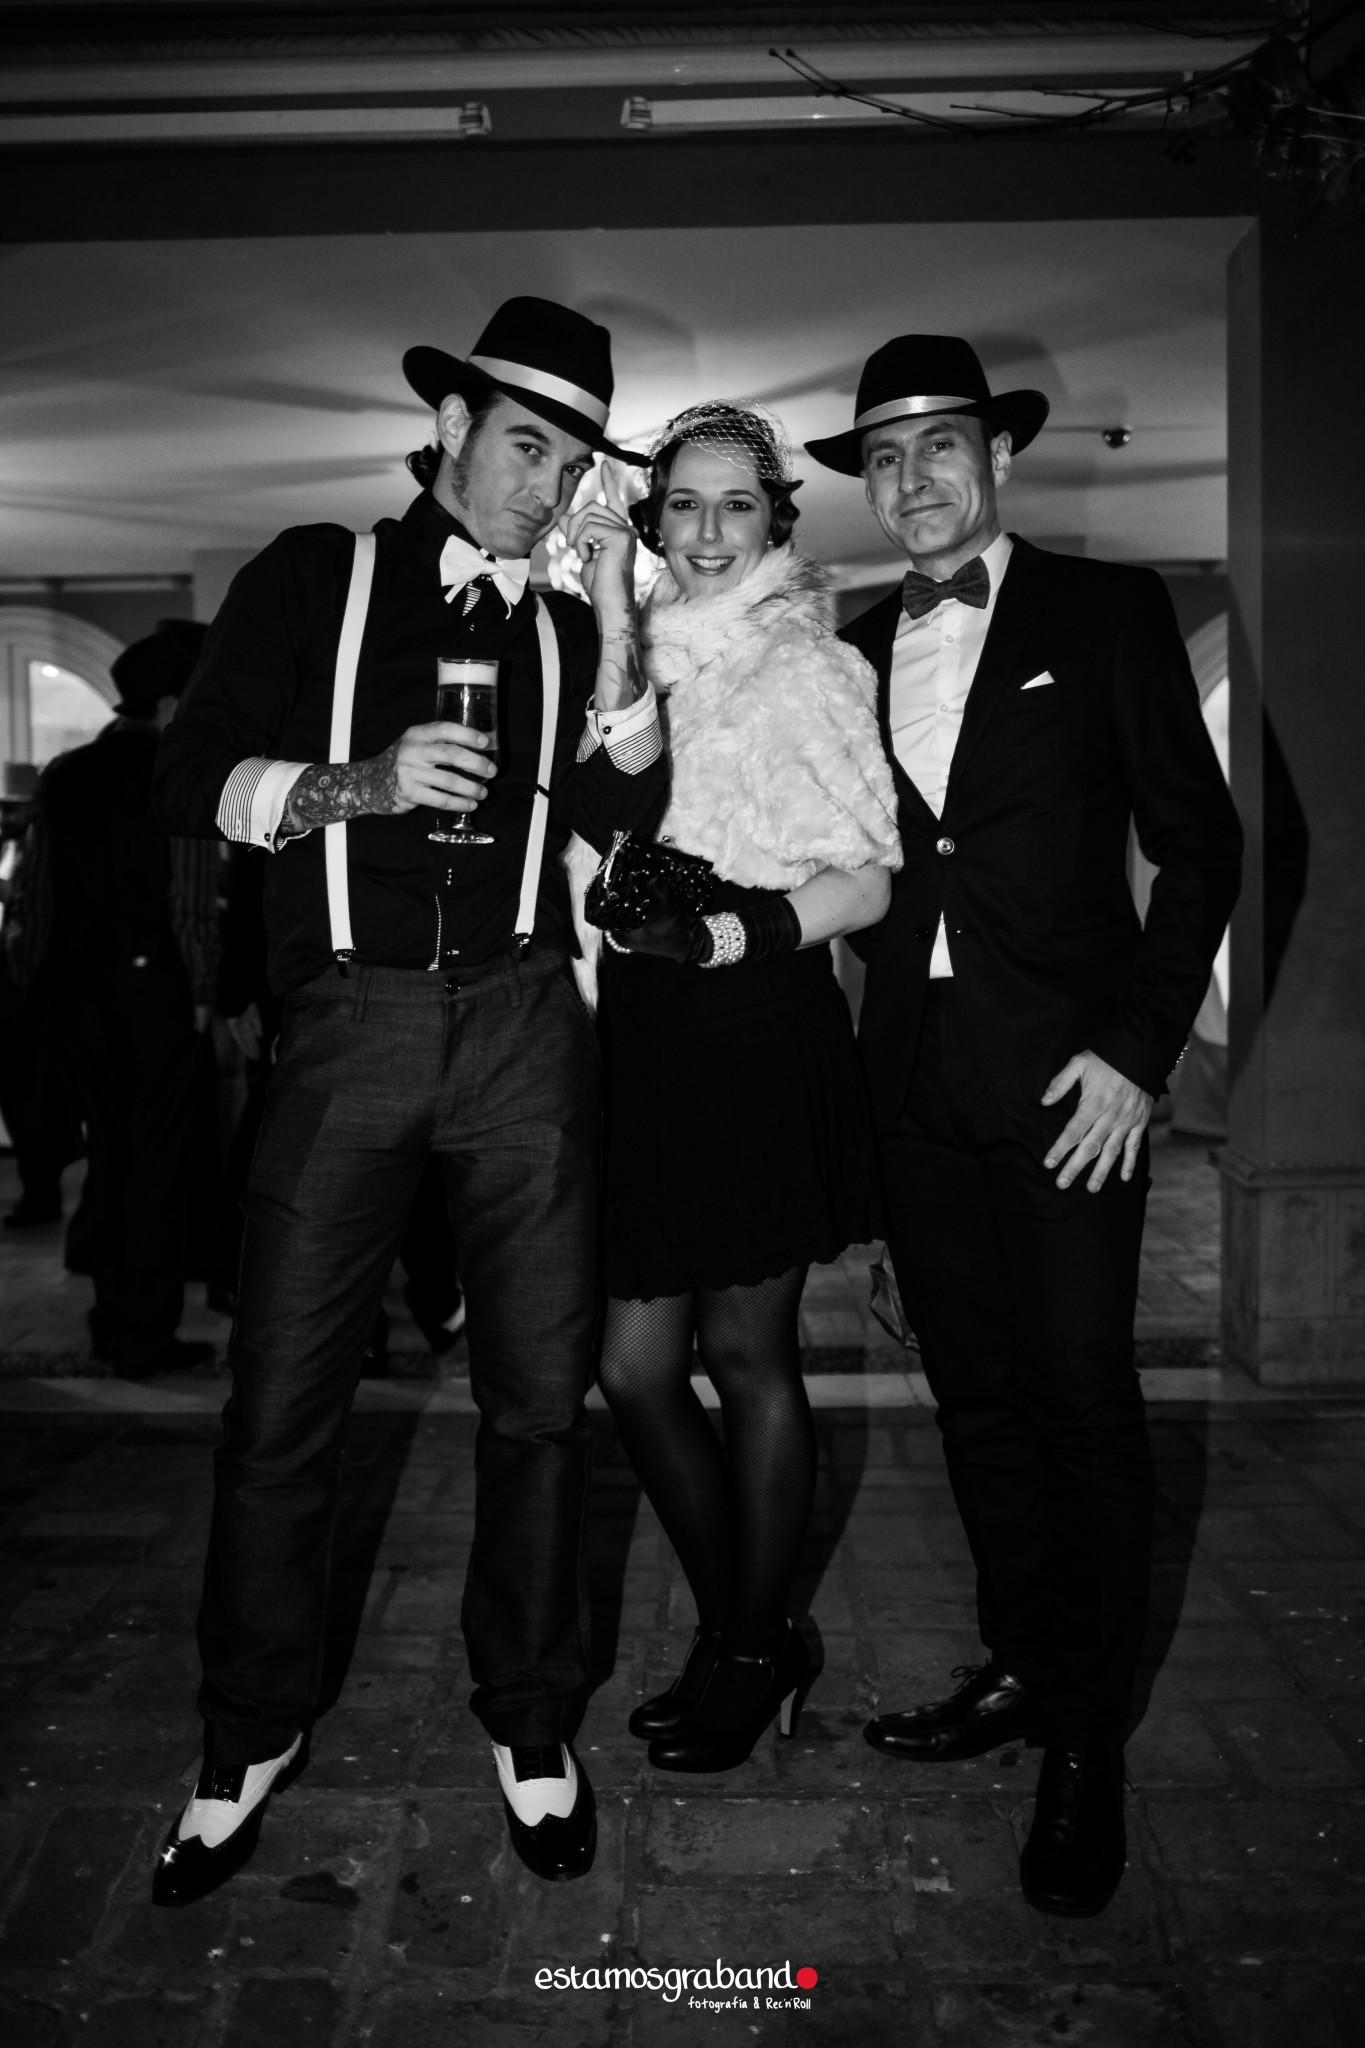 Años-20-BBTP-29-de-109 Los locos Años 20 [Fotografía en La Teta de Julieta, Cádiz] - video boda cadiz